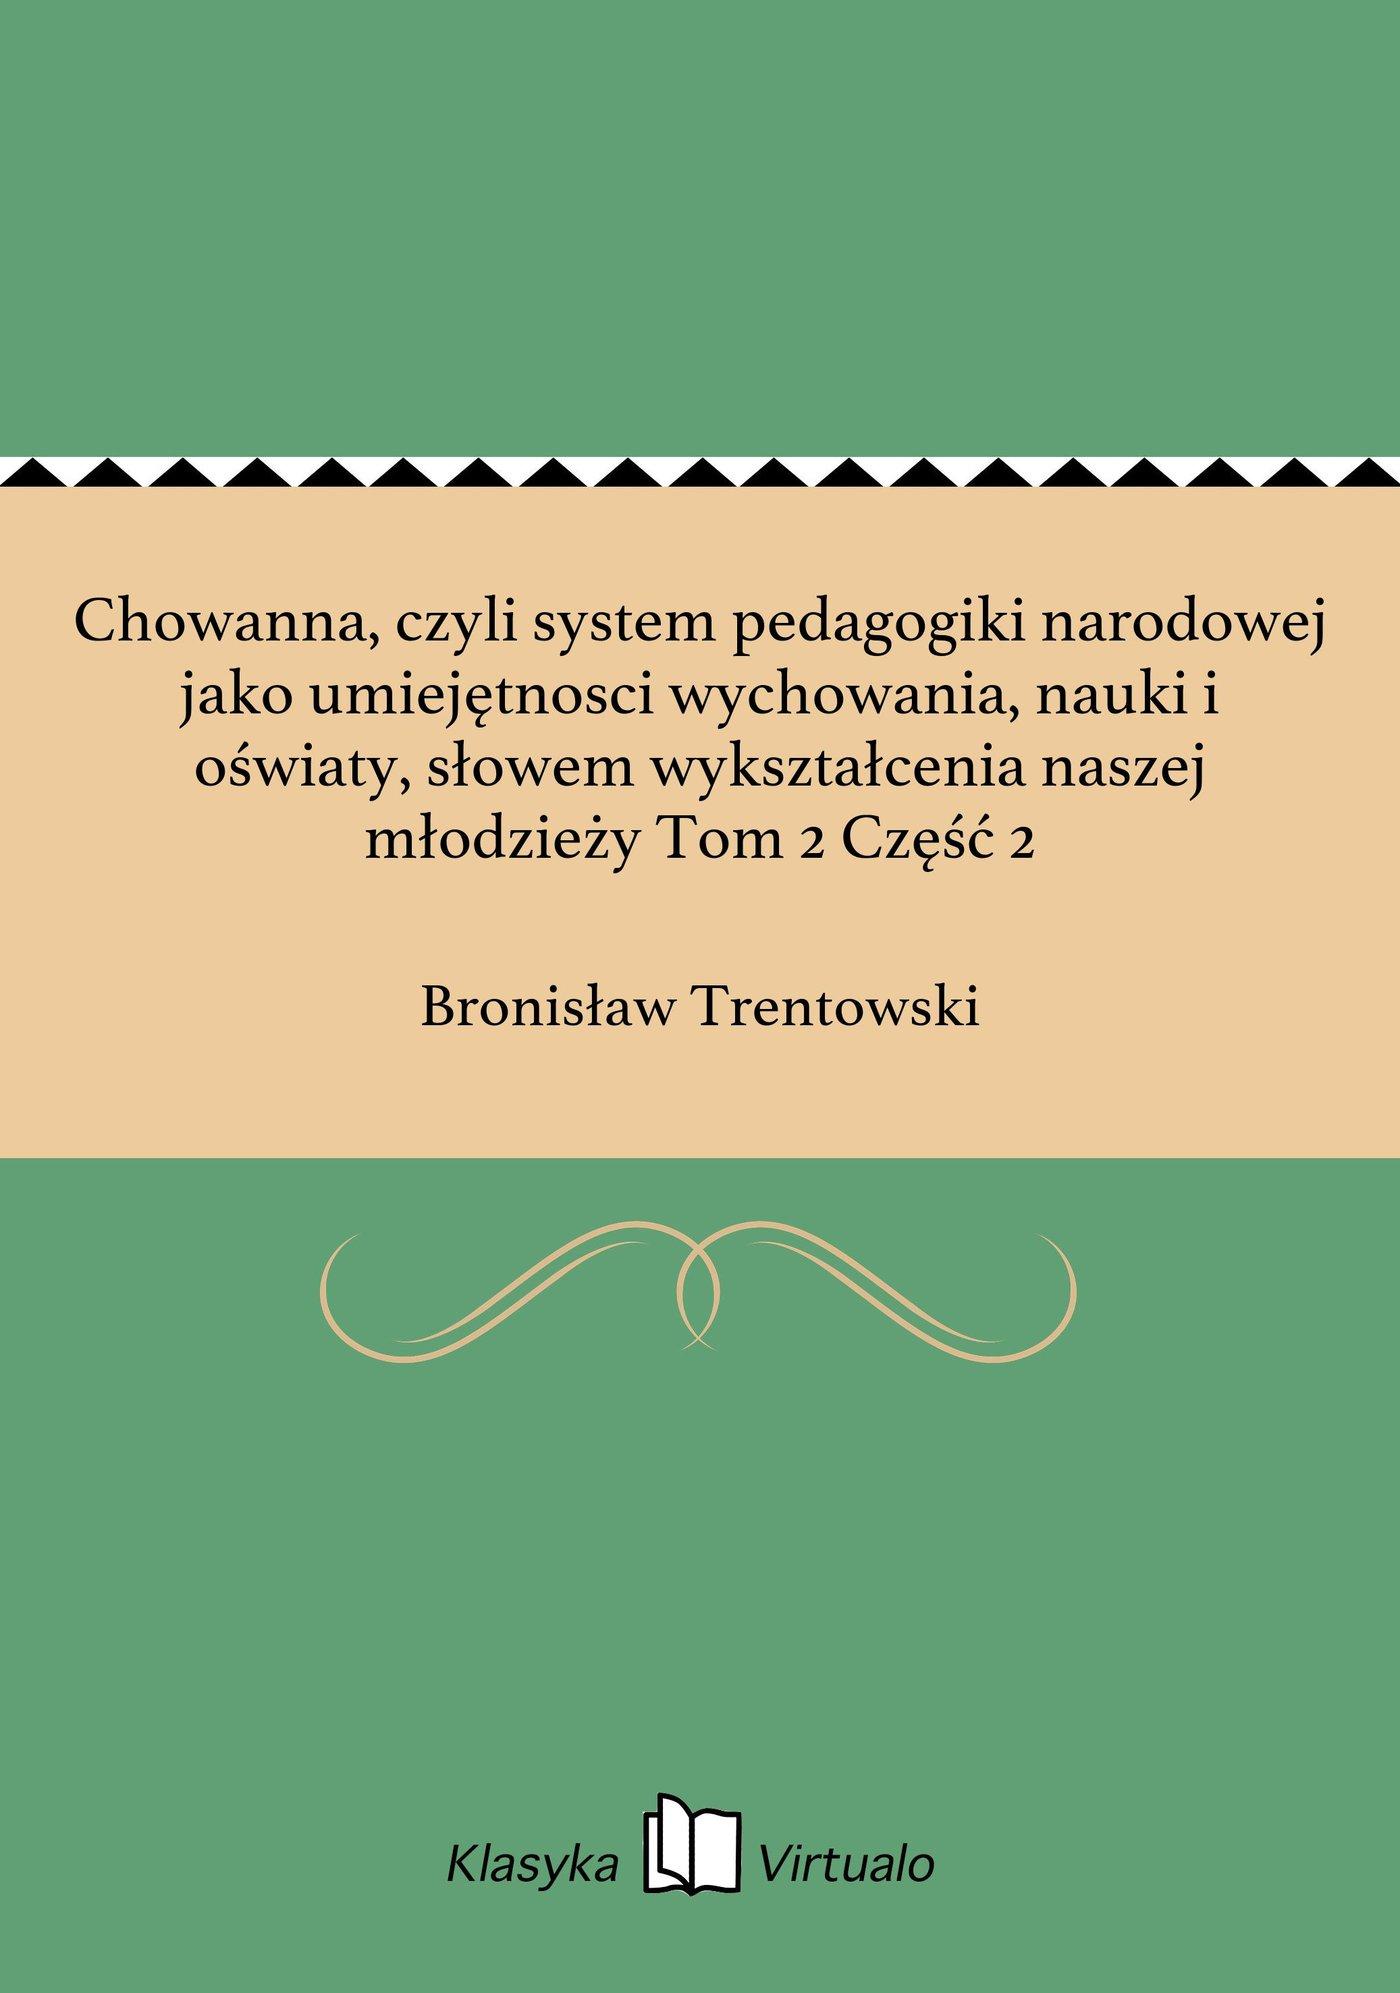 Chowanna, czyli system pedagogiki narodowej jako umiejętnosci wychowania, nauki i oświaty, słowem wykształcenia naszej młodzieży Tom 2 Część 2 - Ebook (Książka EPUB) do pobrania w formacie EPUB